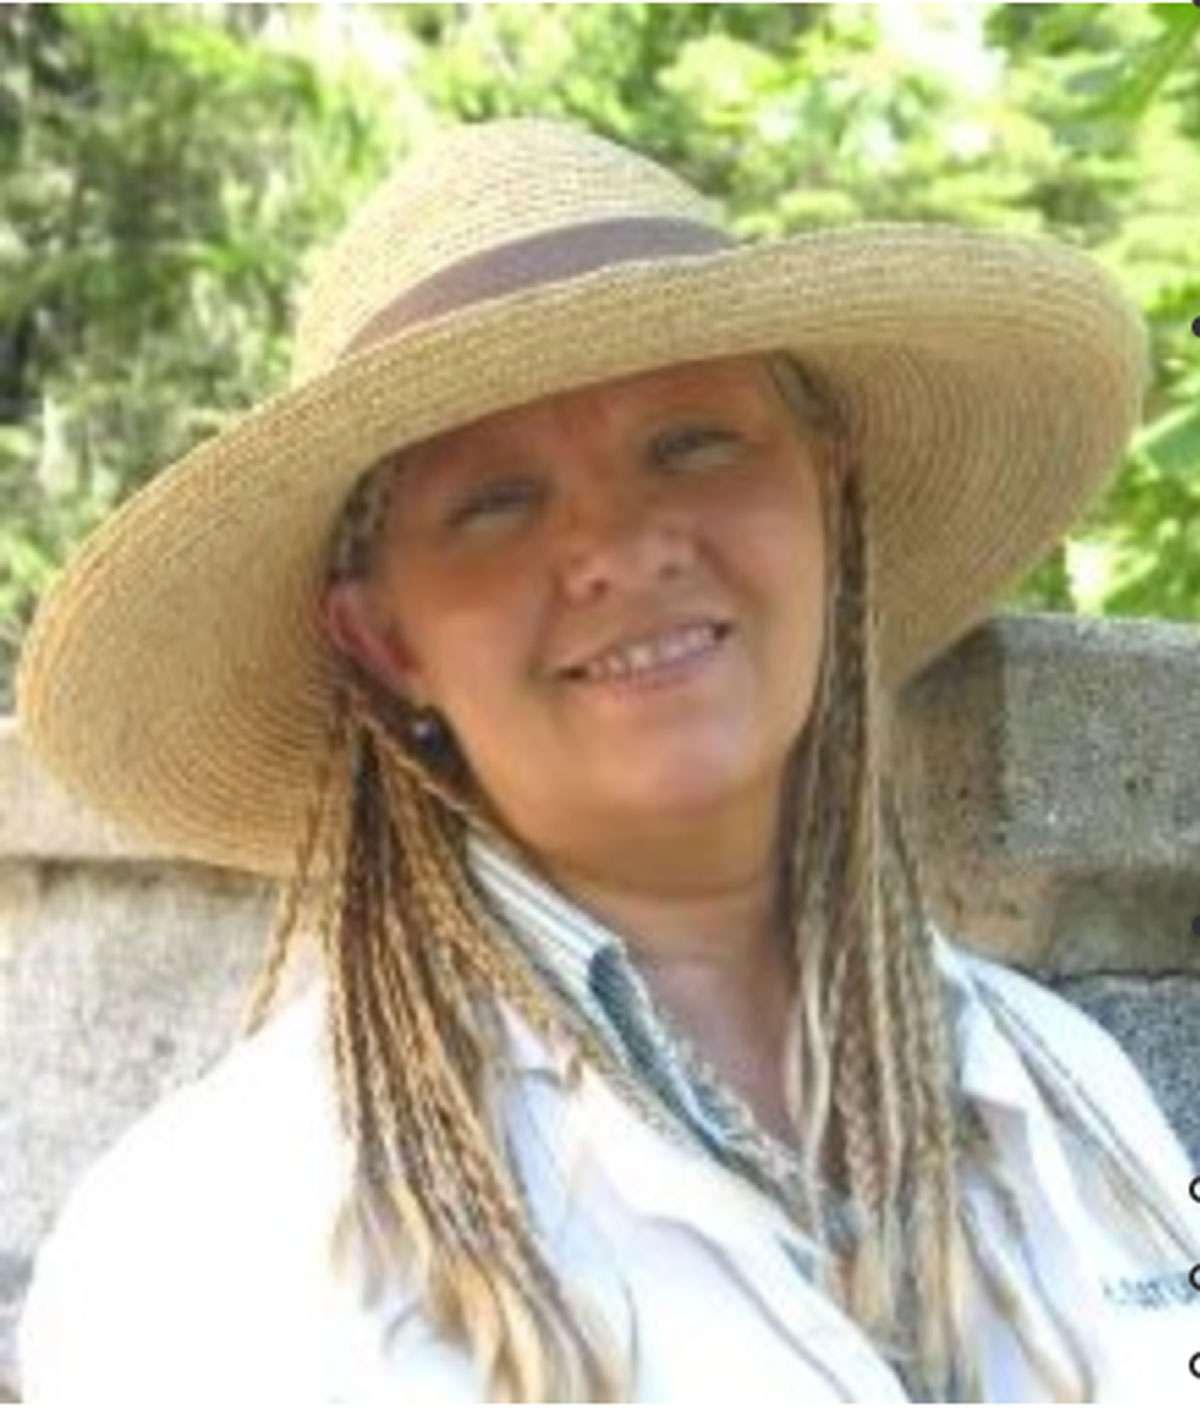 Bonnie Gisel. Credit: Sierraclub.org